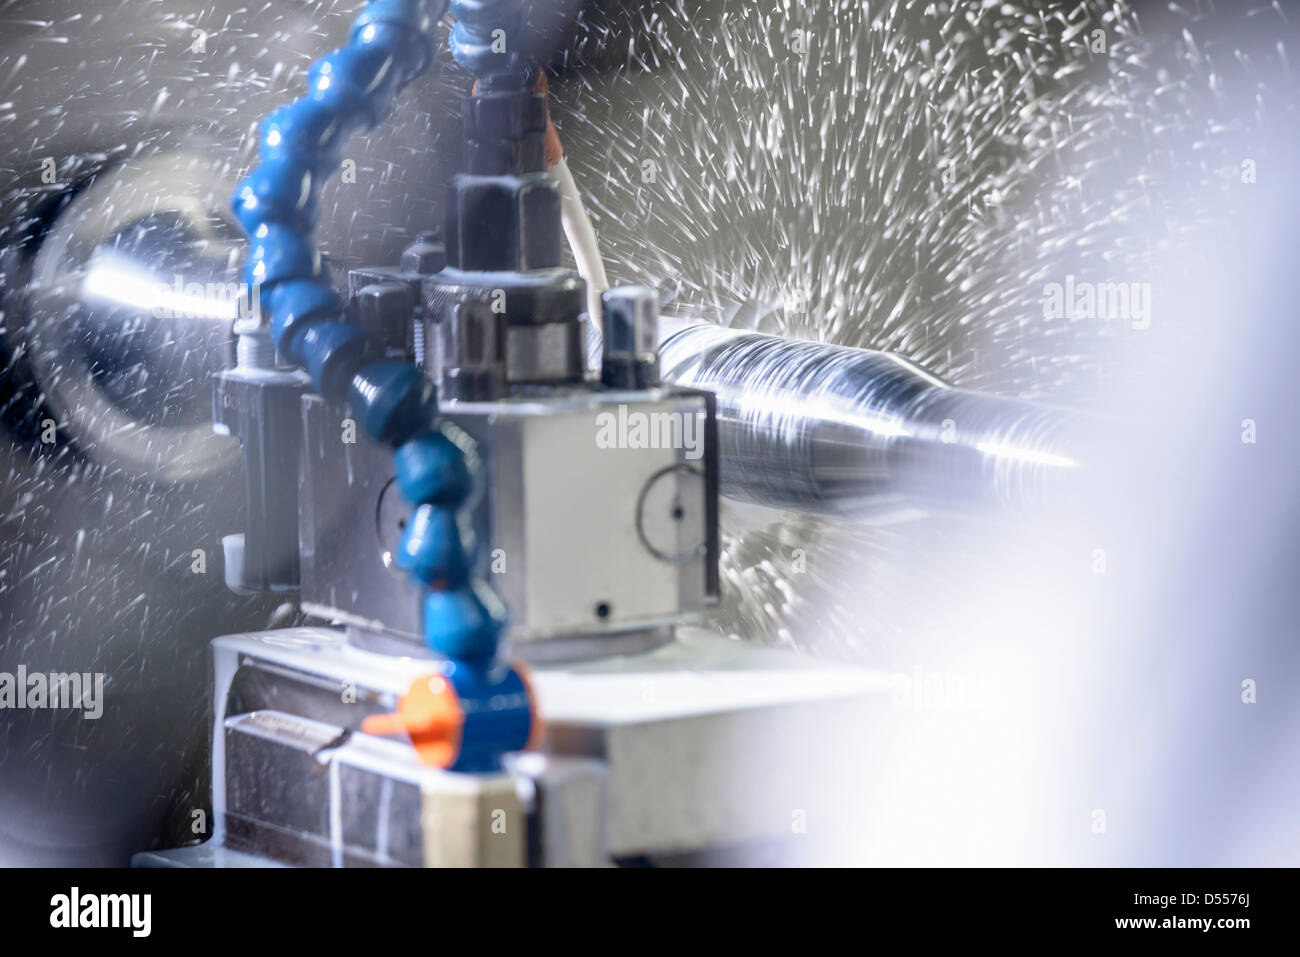 La spruzzatura di acqua su macchinari in fabbrica Immagini Stock